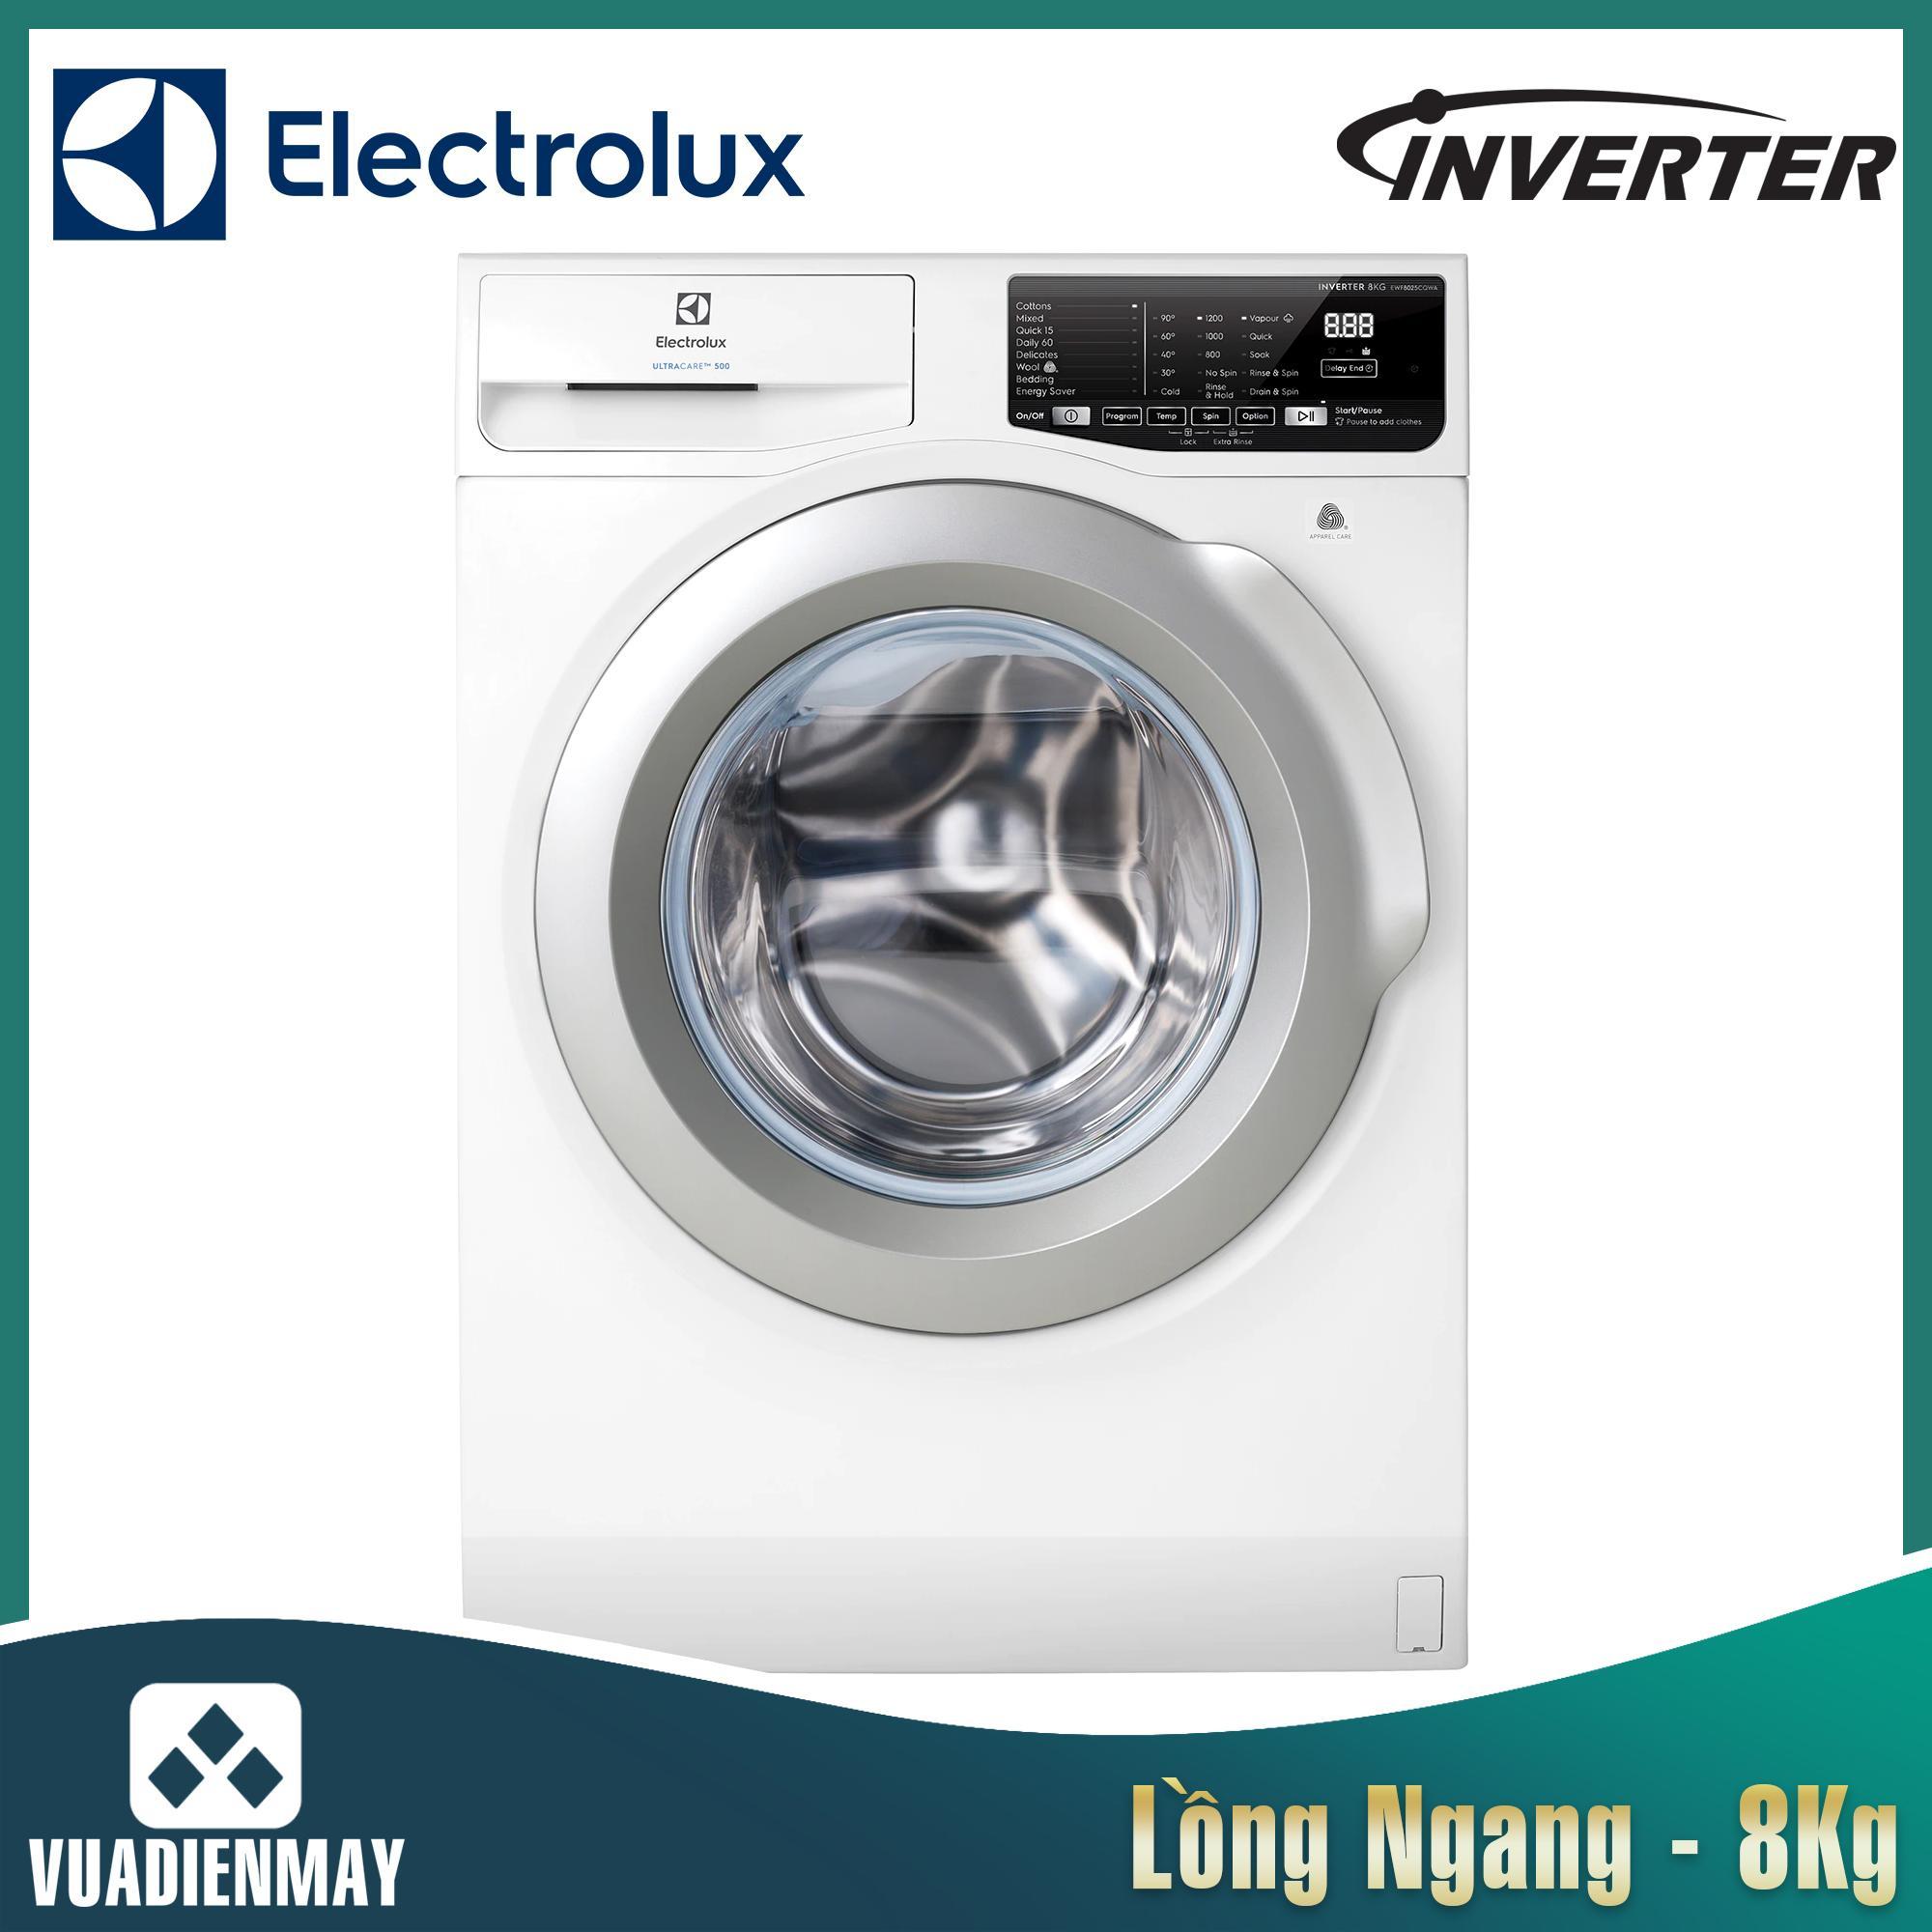 Máy giặt Electrolux 8 kg inverter lồng ngang